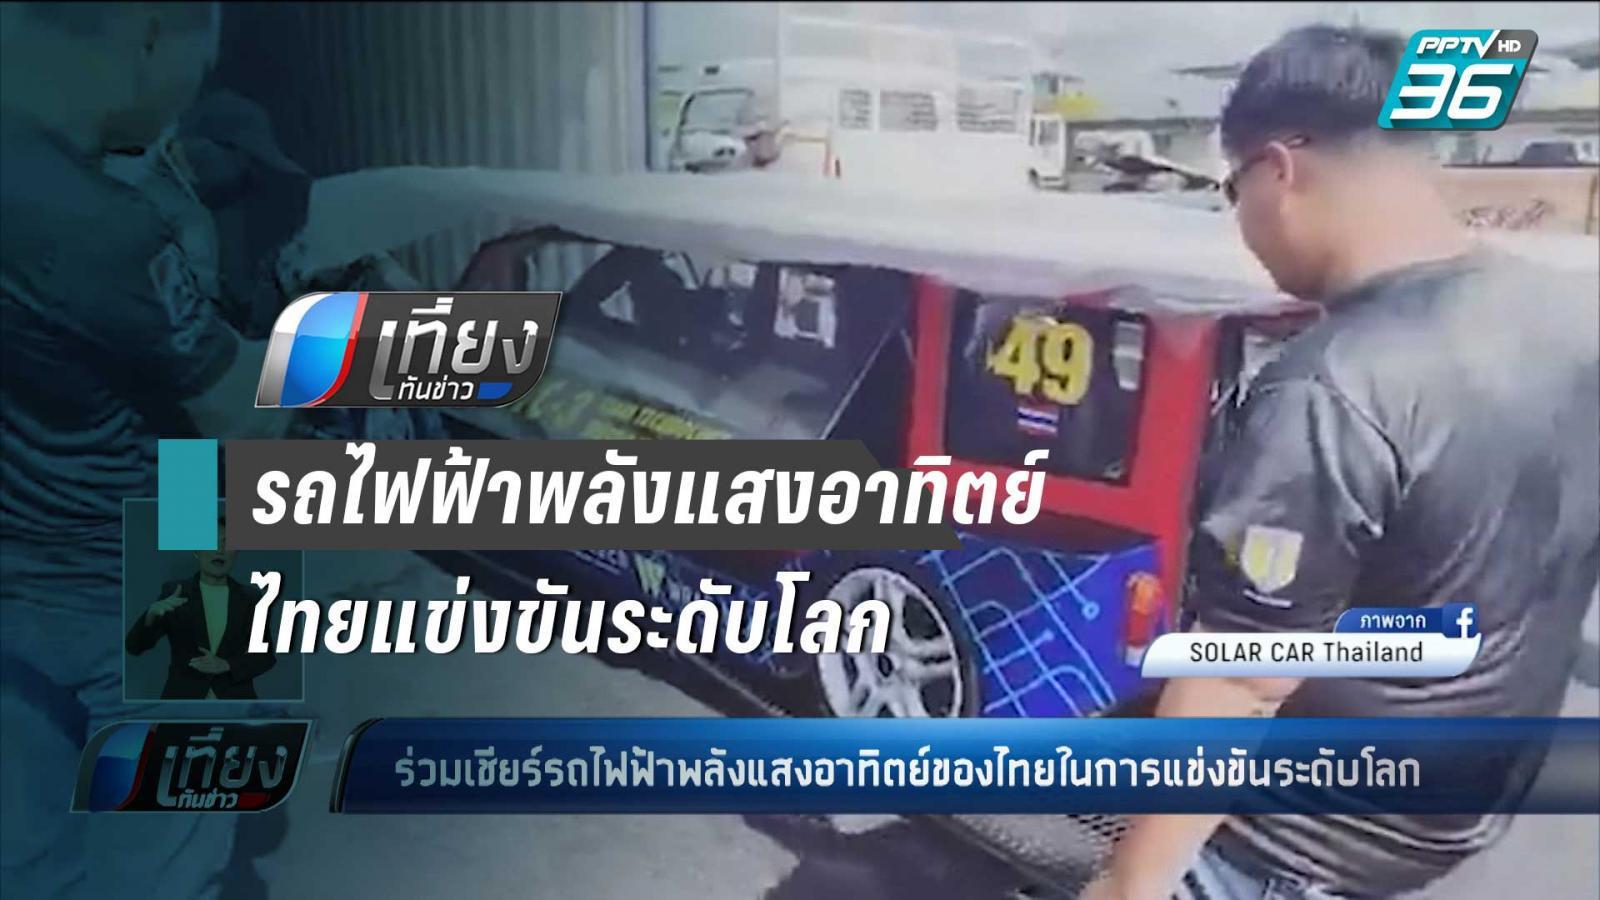 """ร่วมเชียร์ """"รถไฟฟ้าพลังแสงอาทิตย์"""" ของไทยในการแข่งขันระดับโลก"""